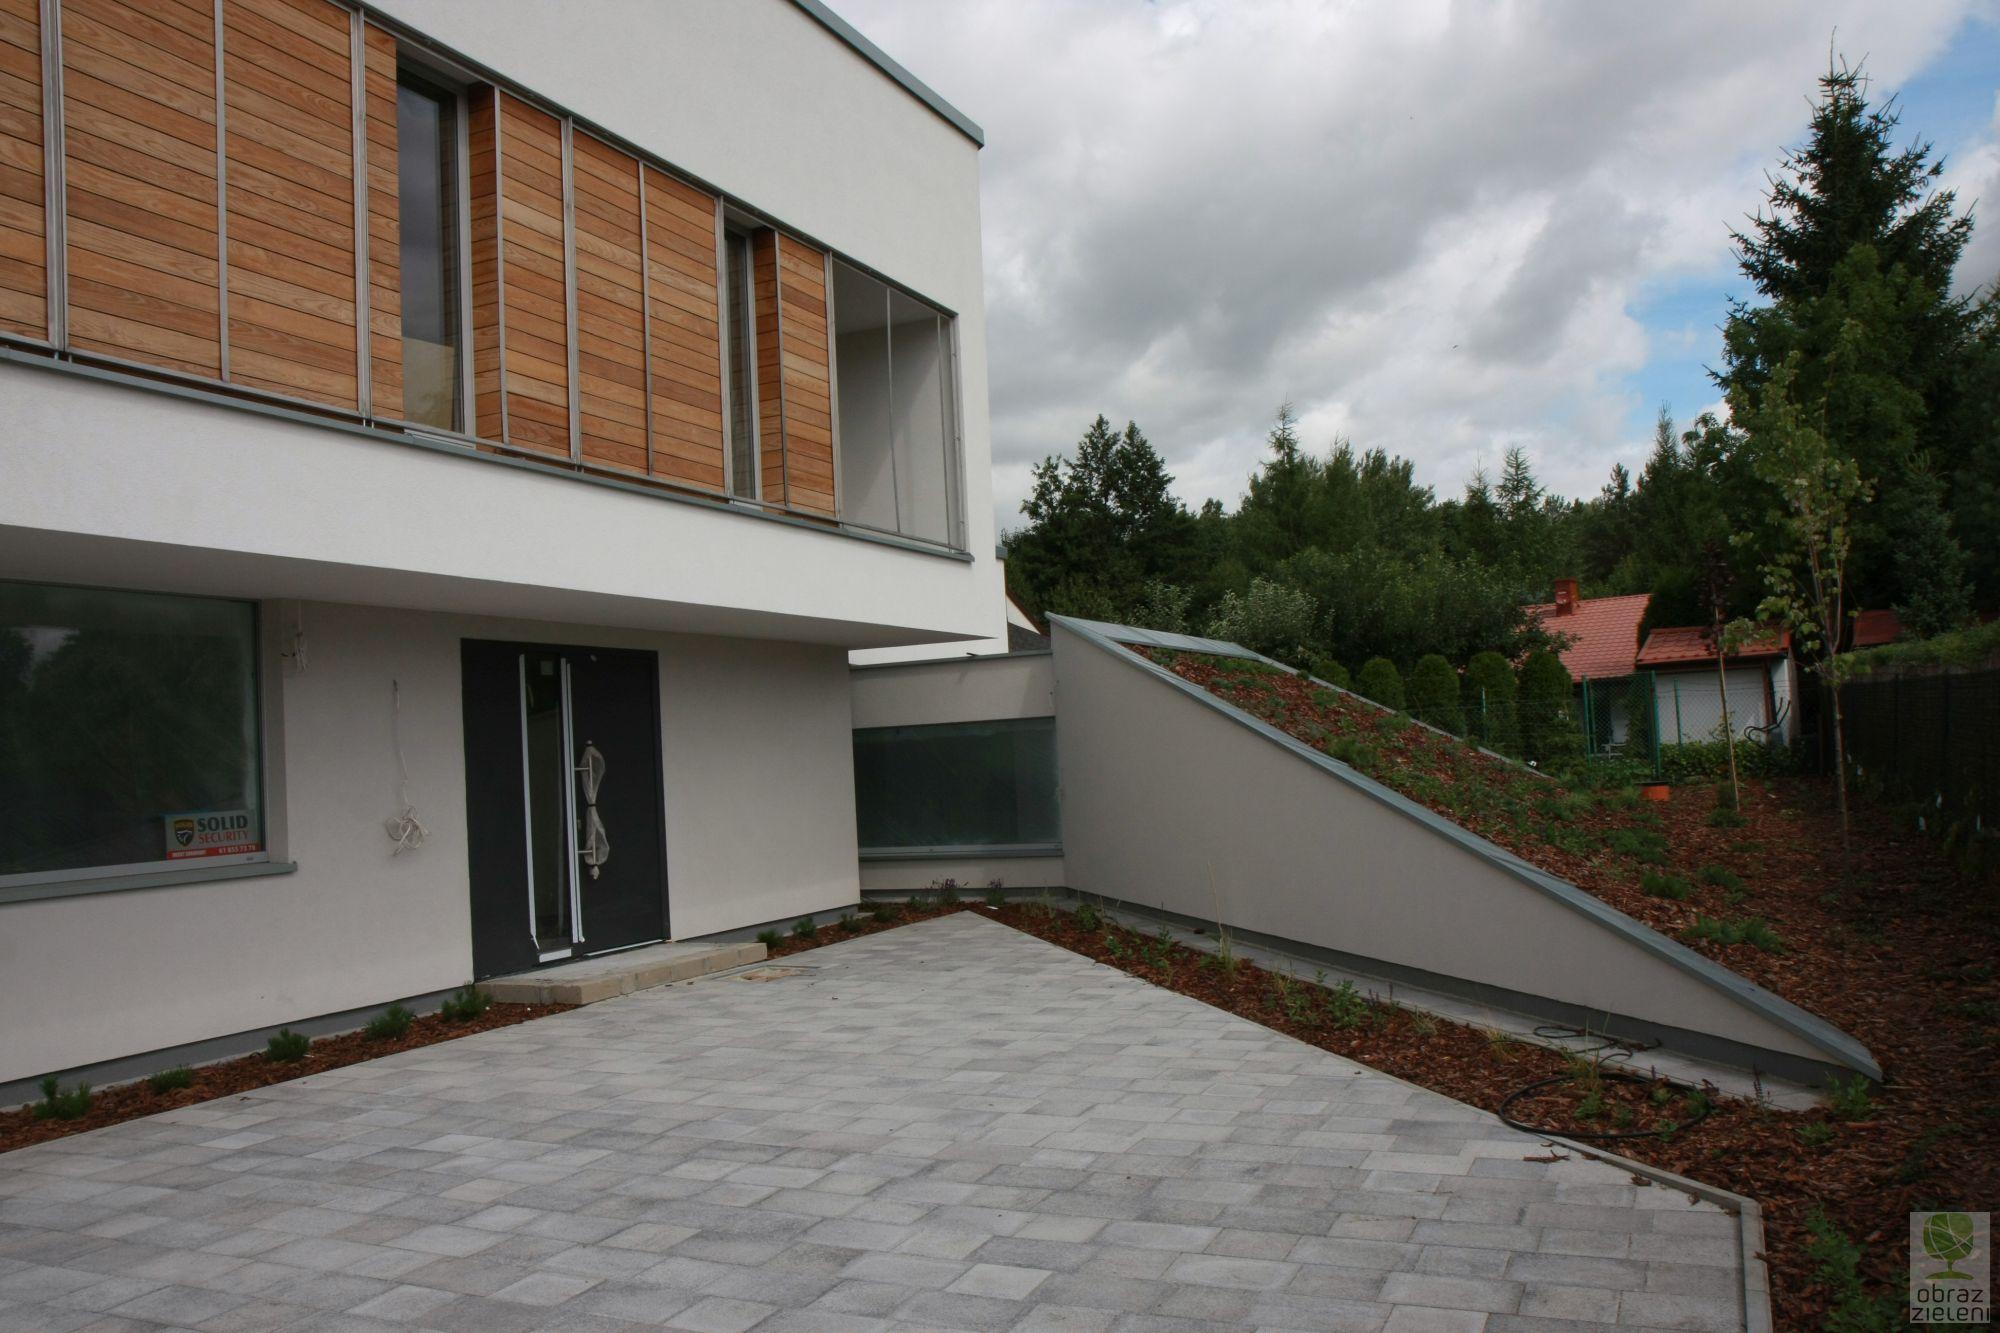 Ogród nowoczesny z odwróconym domem i zielenią na garażu